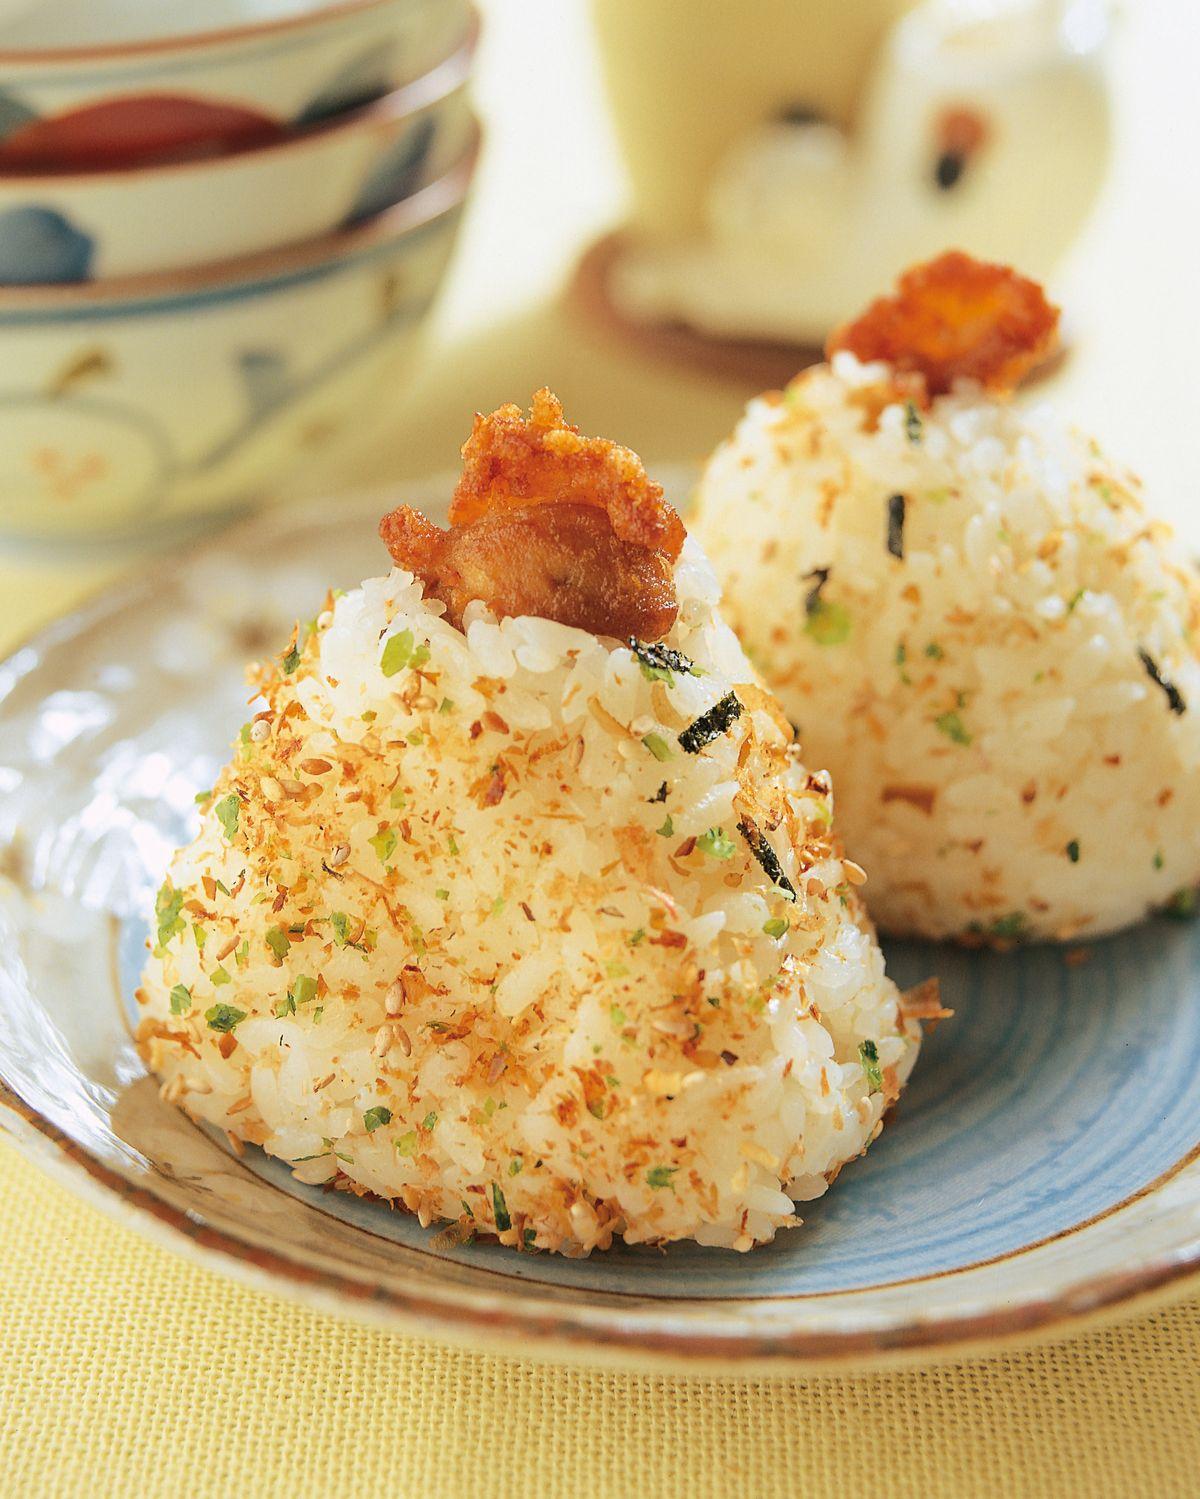 食譜:唐揚雞肉塊飯糰